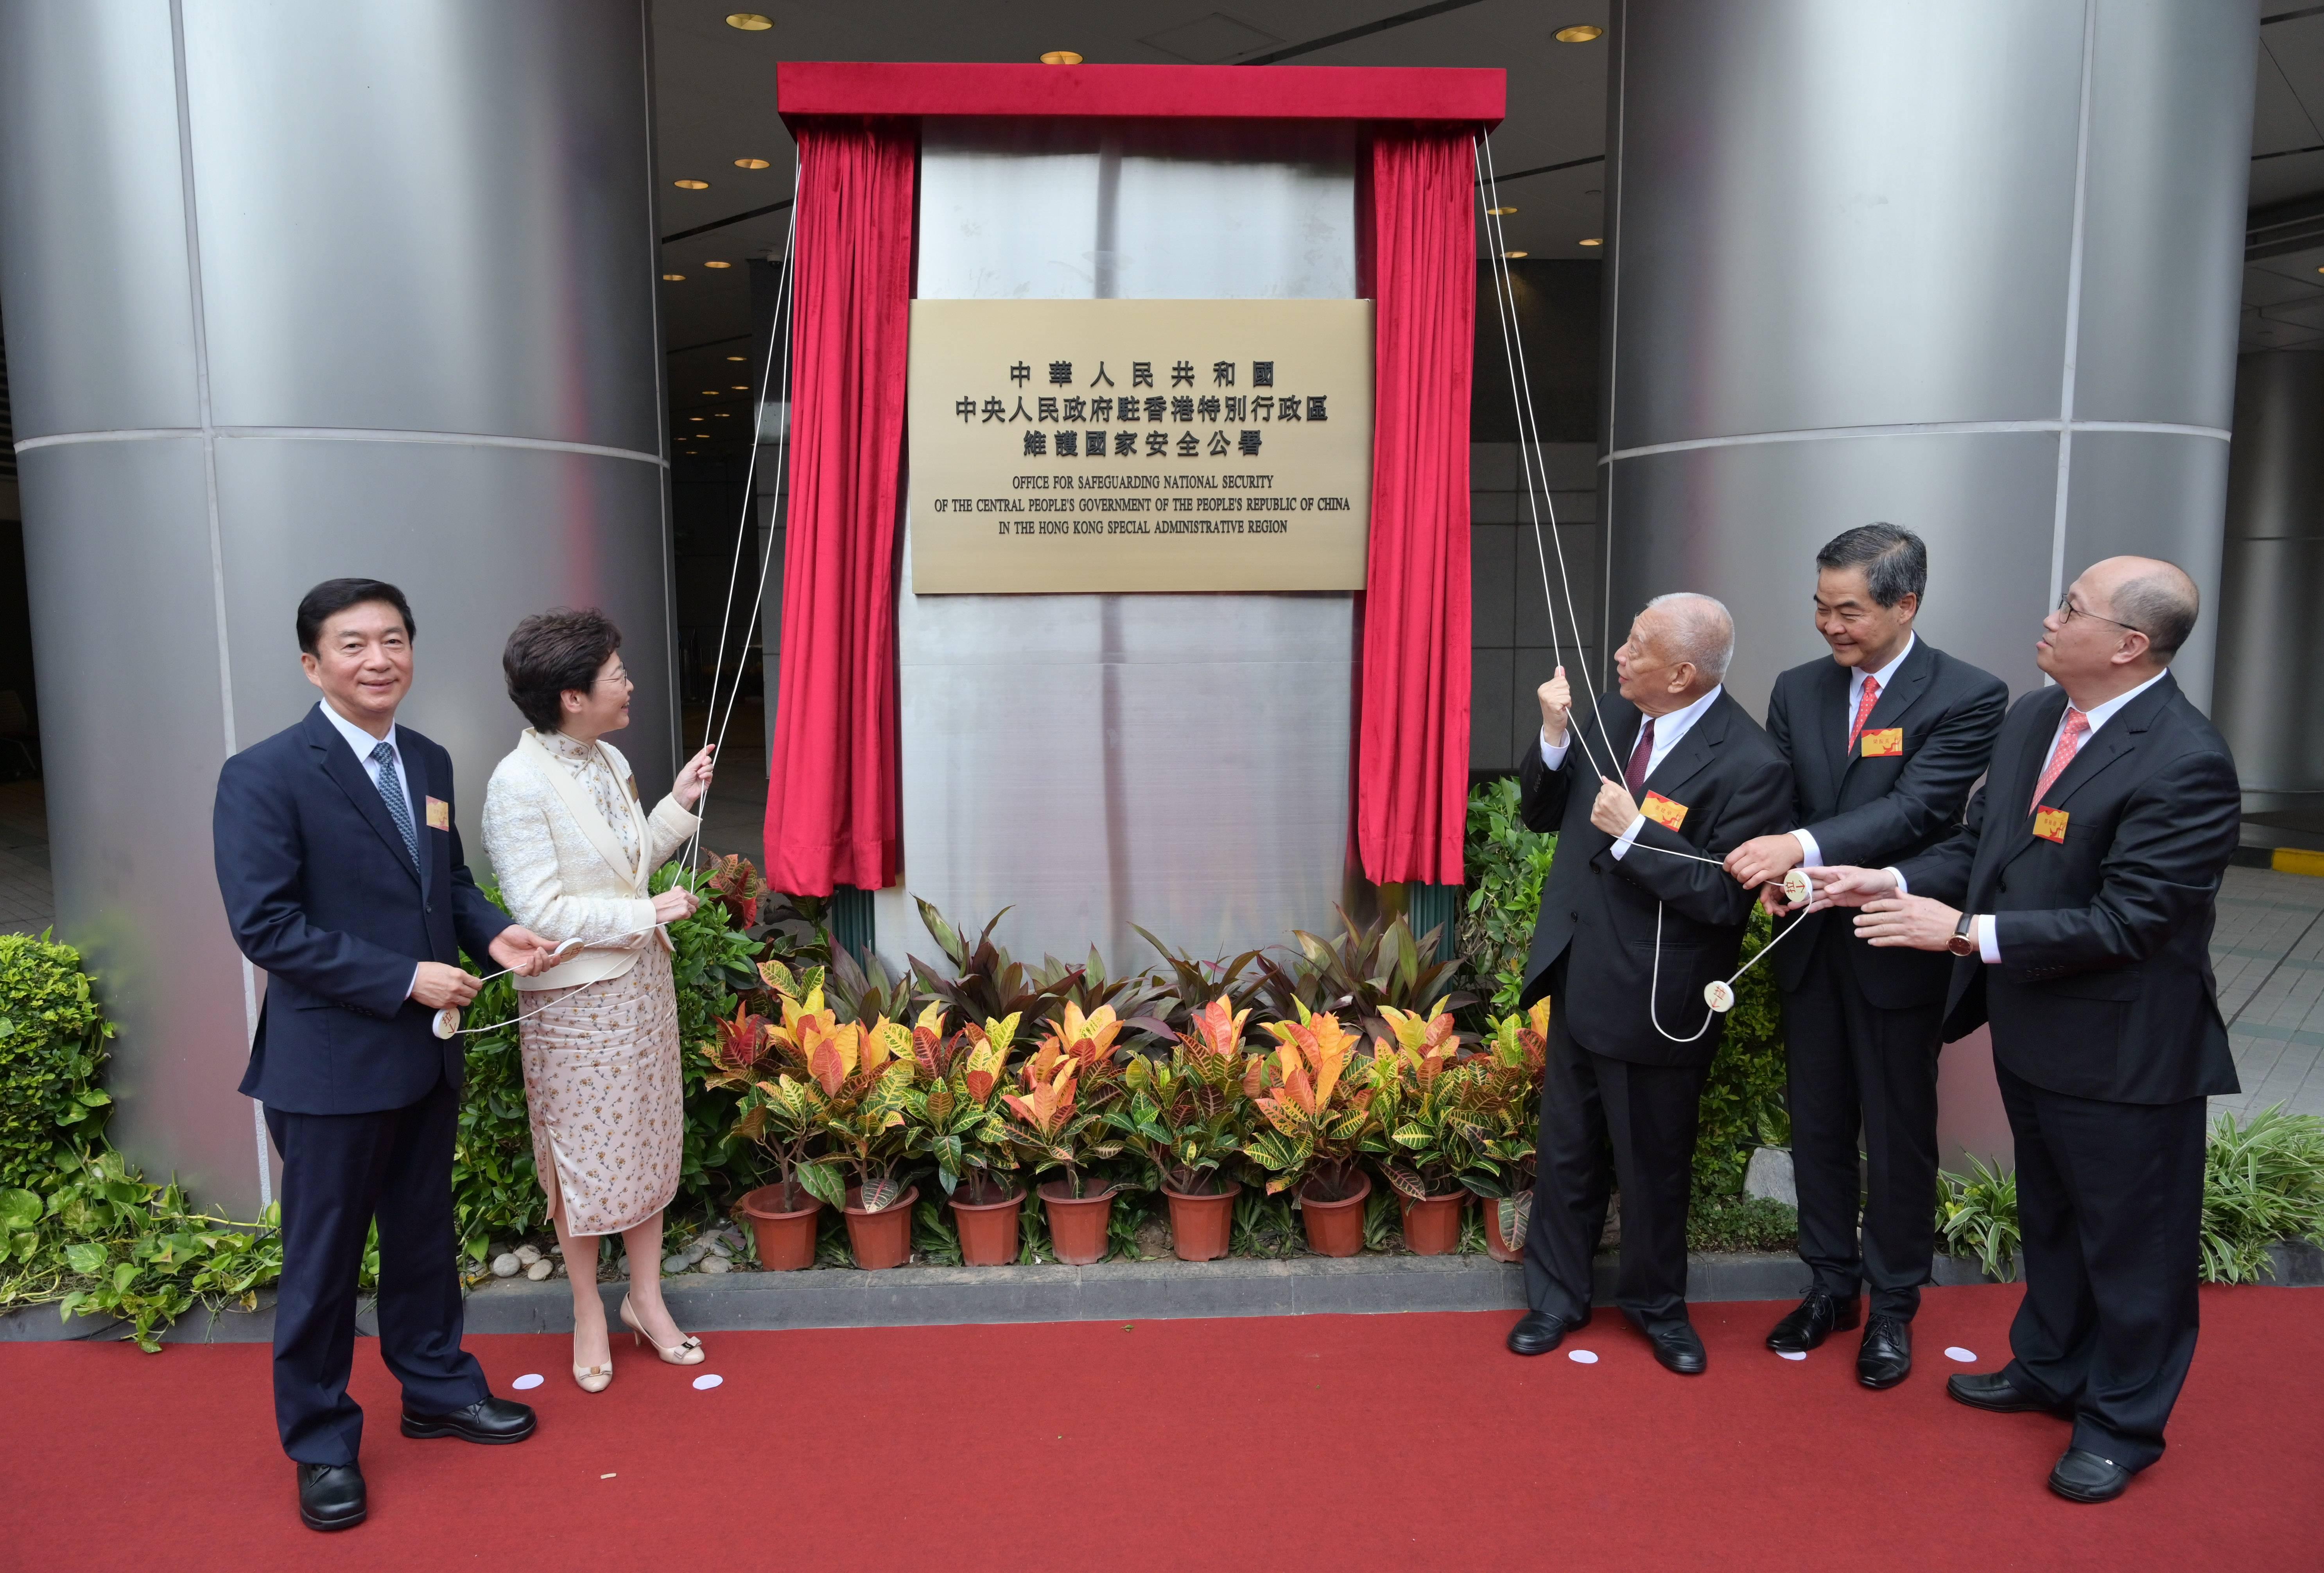 inauguração agência segurança nacional hong kong